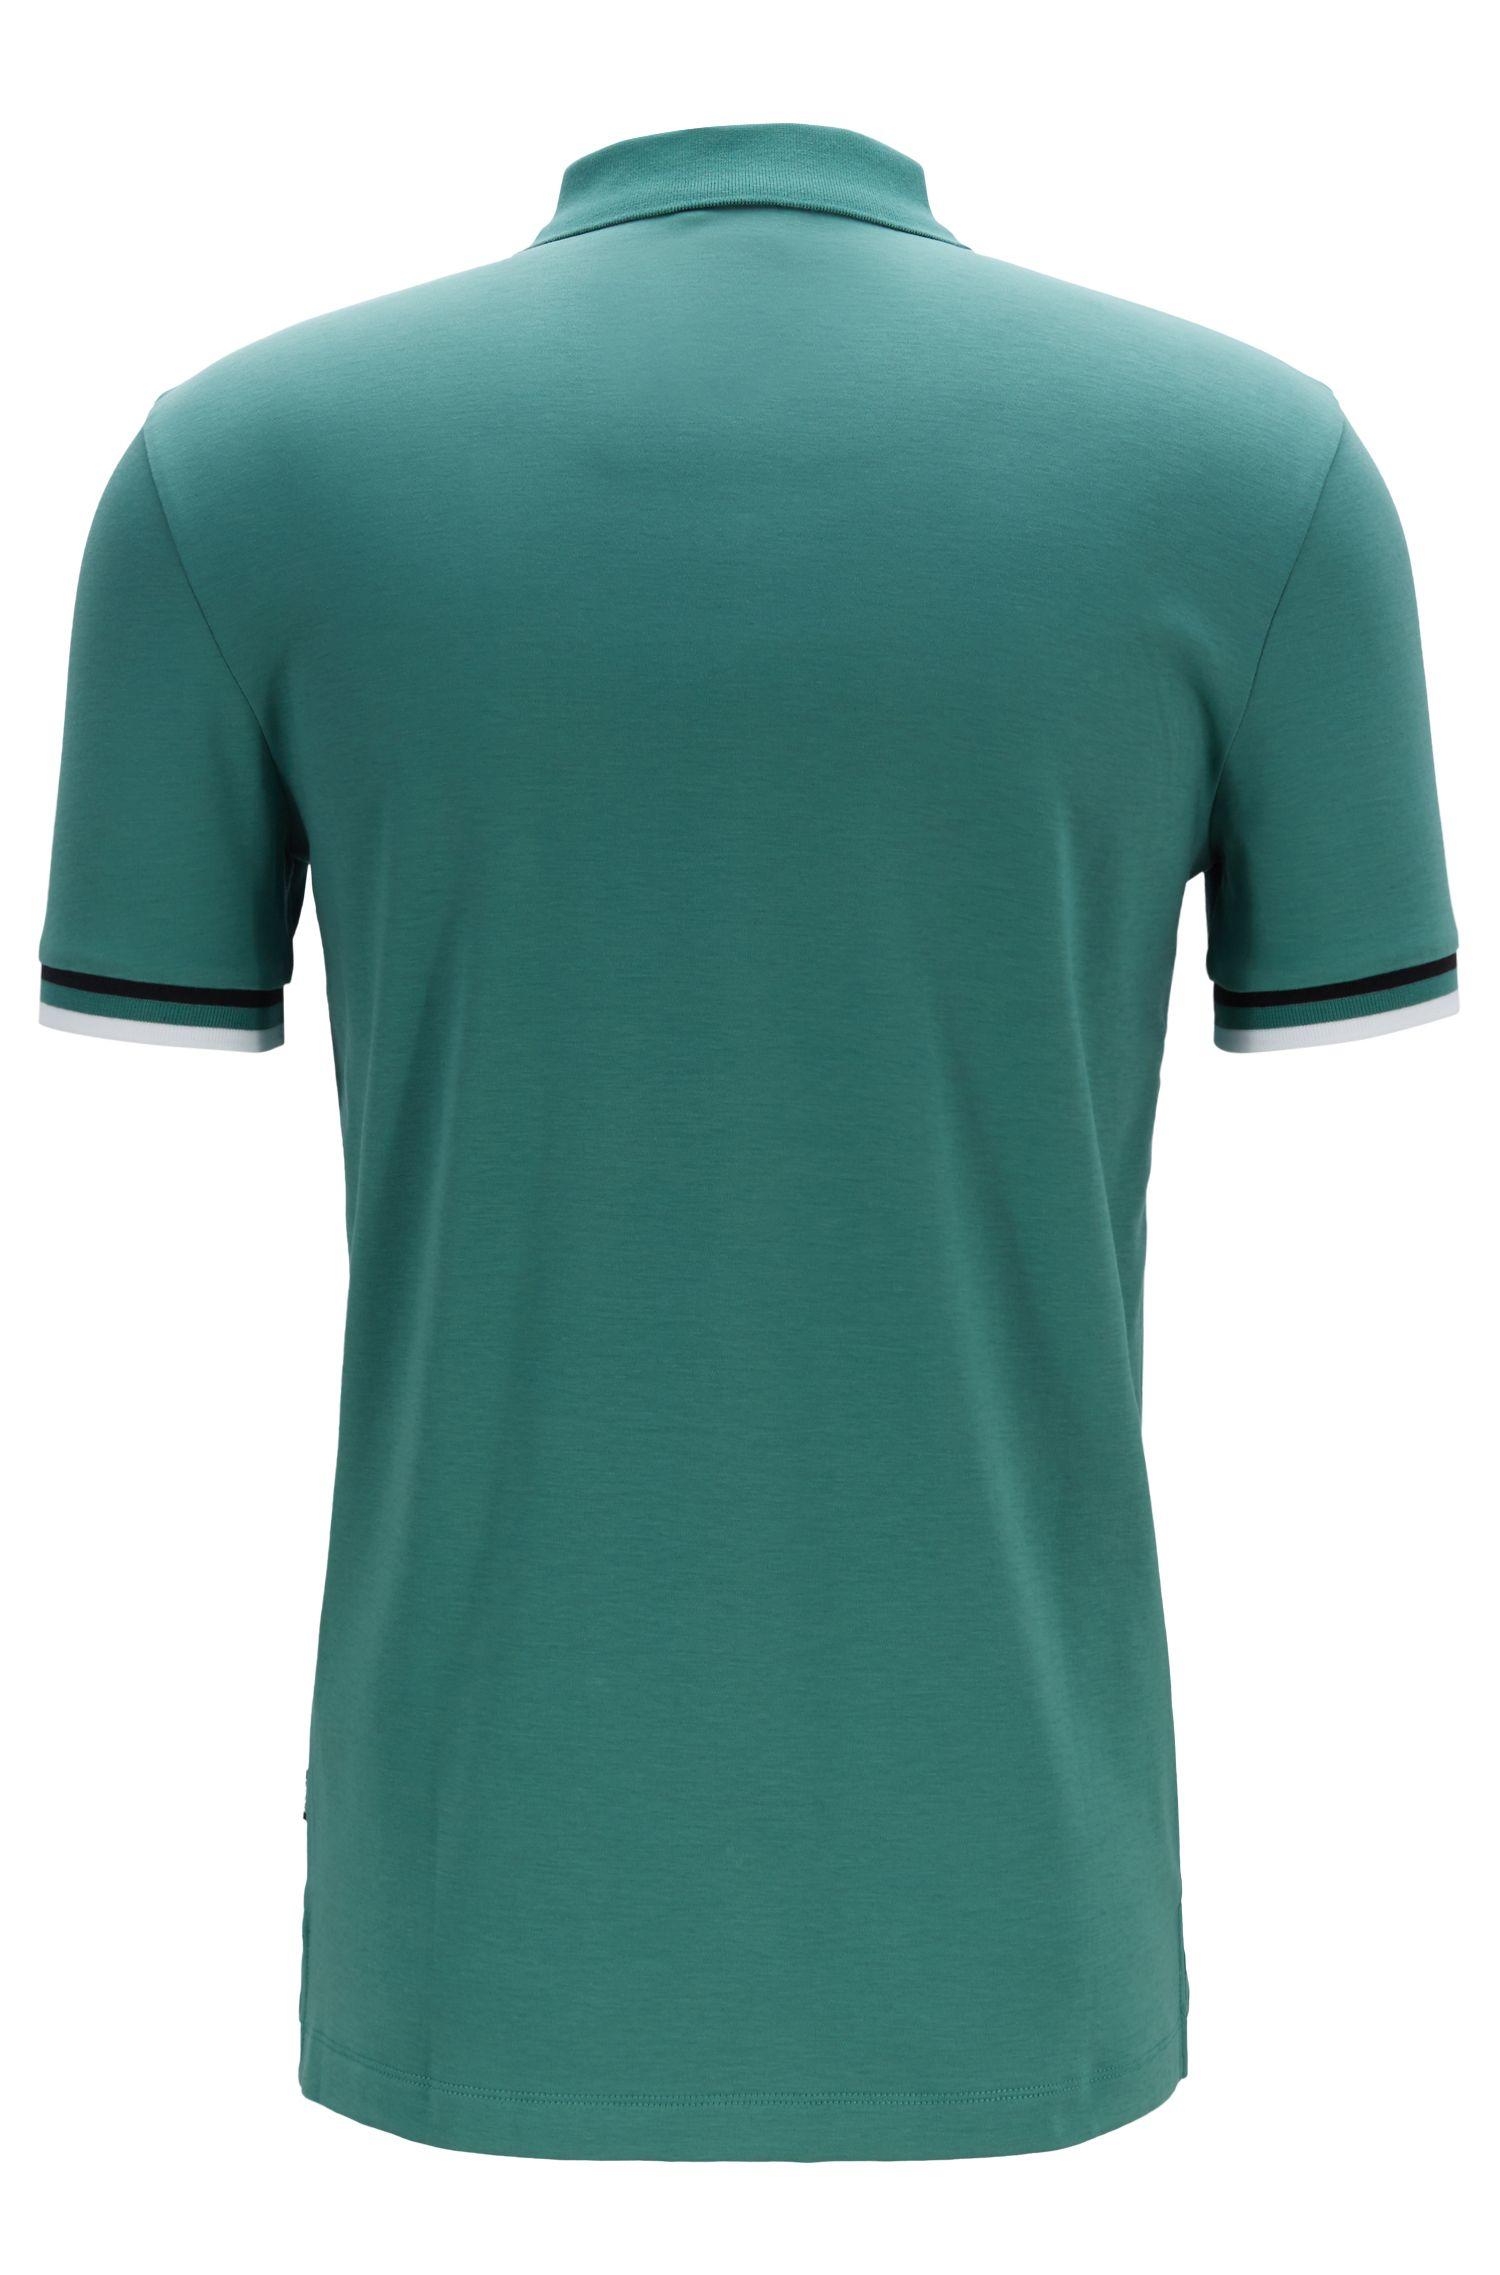 Poloshirt aus Baumwolle mit flachgestrickten Streifen, Grün